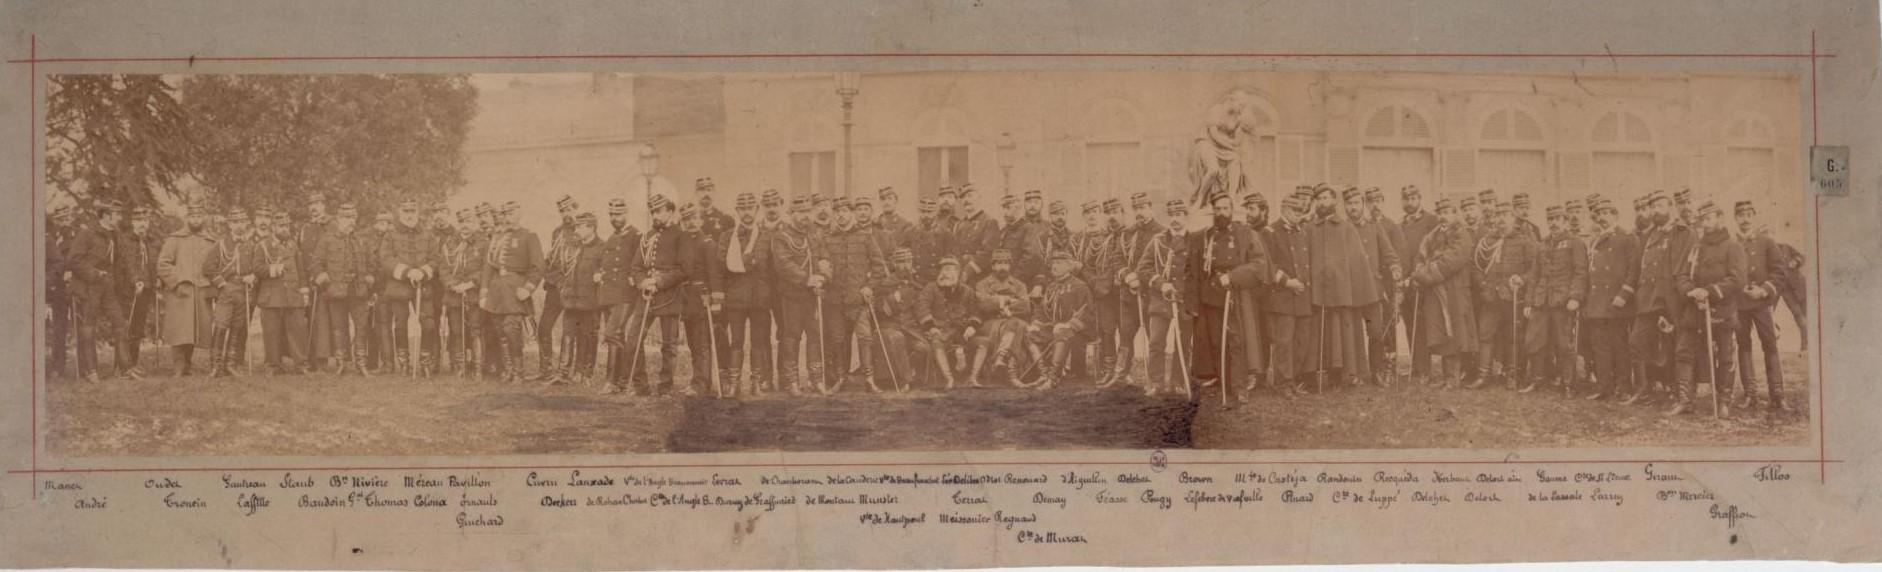 Национальная гвардия. Панорама, состоящая из четырех склеенных изображений